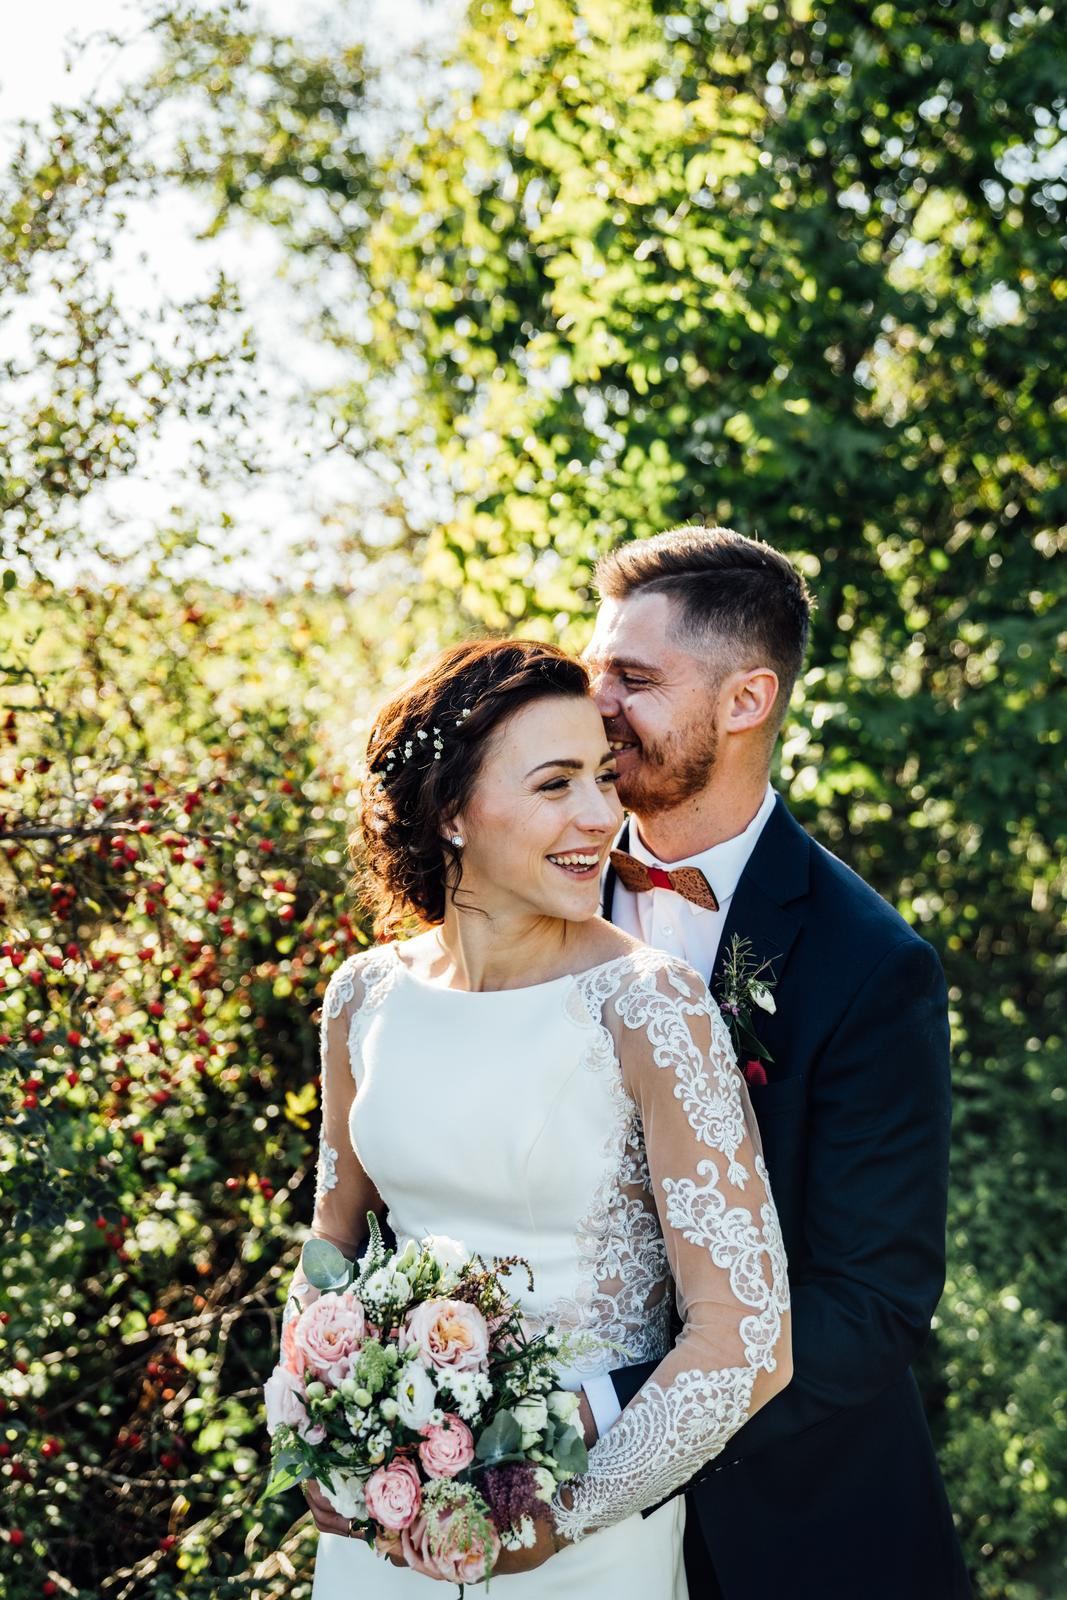 Kateřina & Tomáš (Podzimní svatba 2019) - Obrázek č. 21